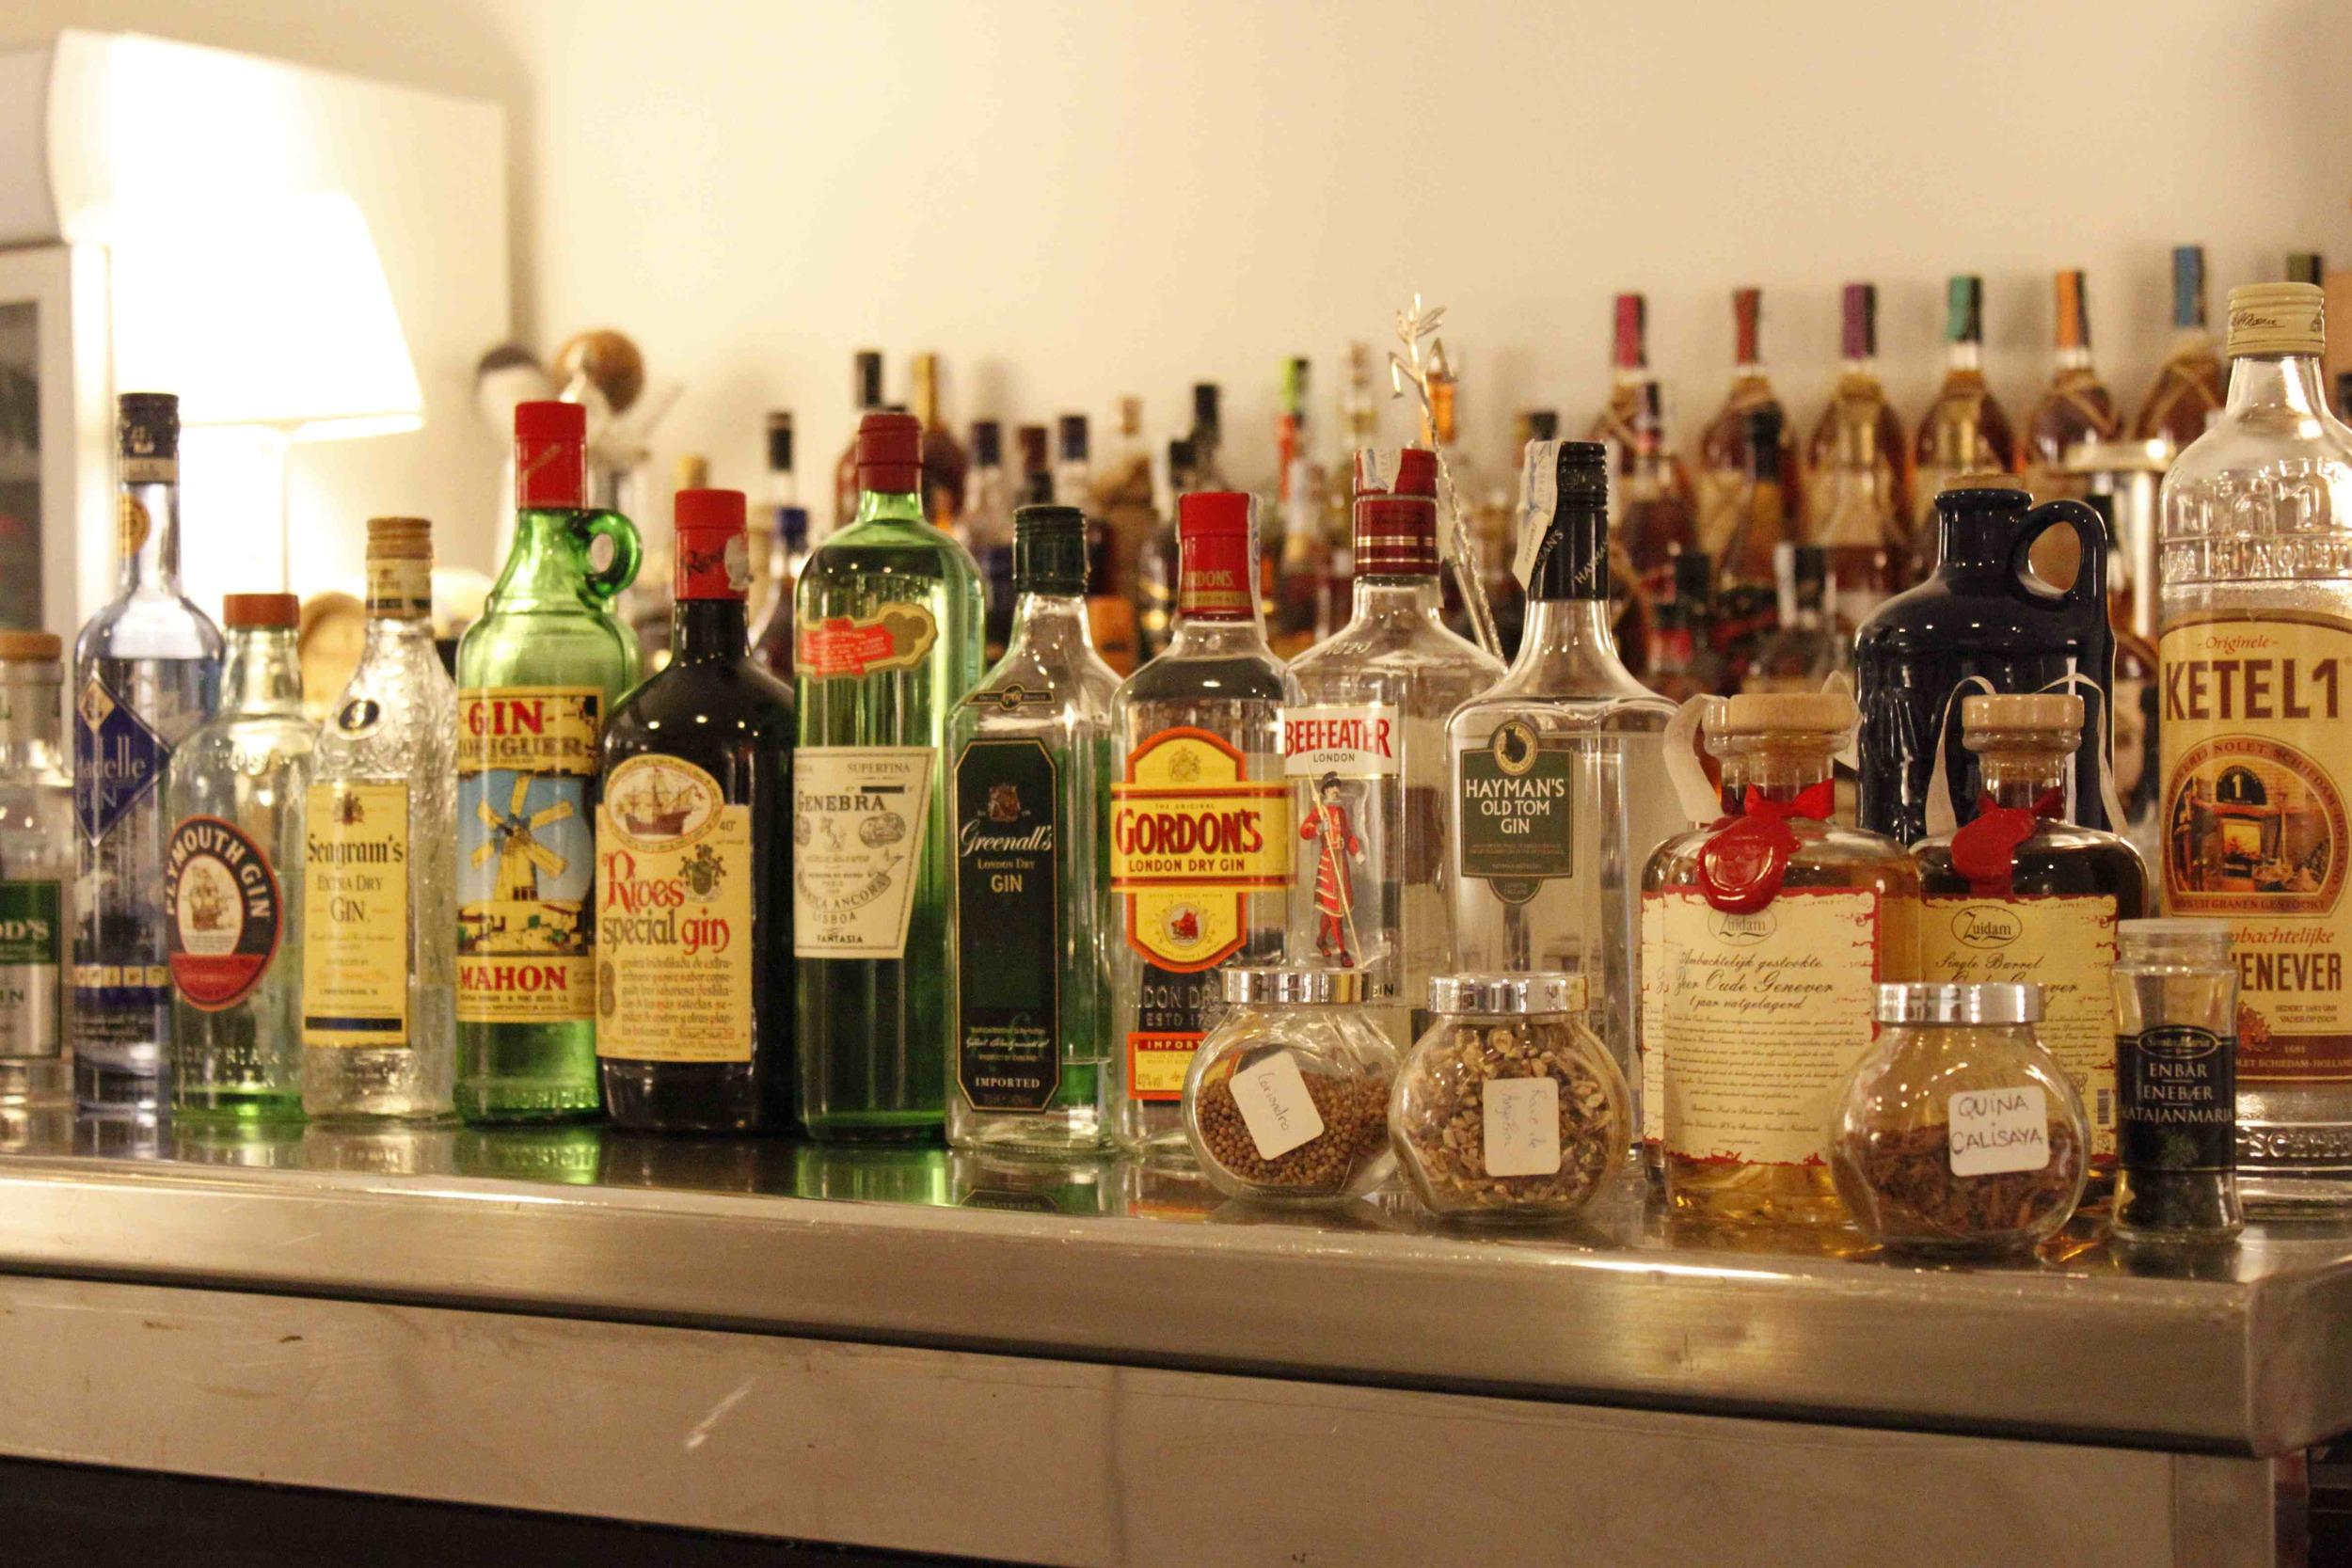 47 gin présentés au cours de l'atelier (et la même quantité rangée sur des étagères)